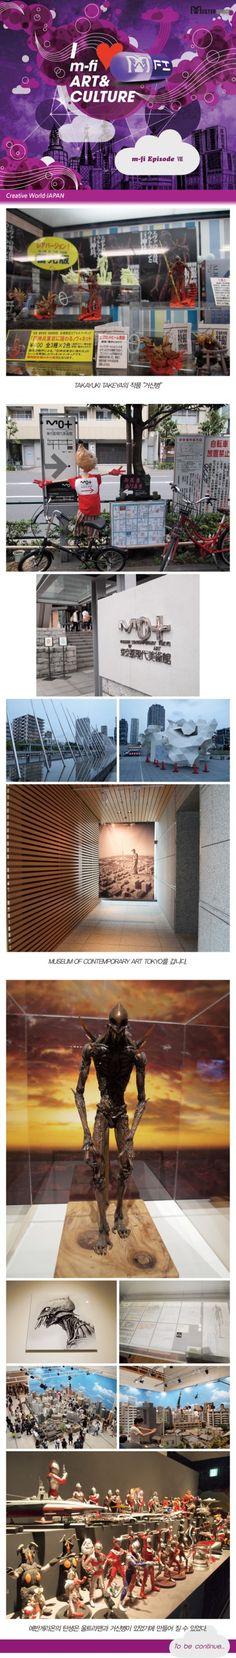 M-Fi《Episode》∥ Art & Culture // WORLD WIDE :: Creative World - JAPAN : 네이버 블로그